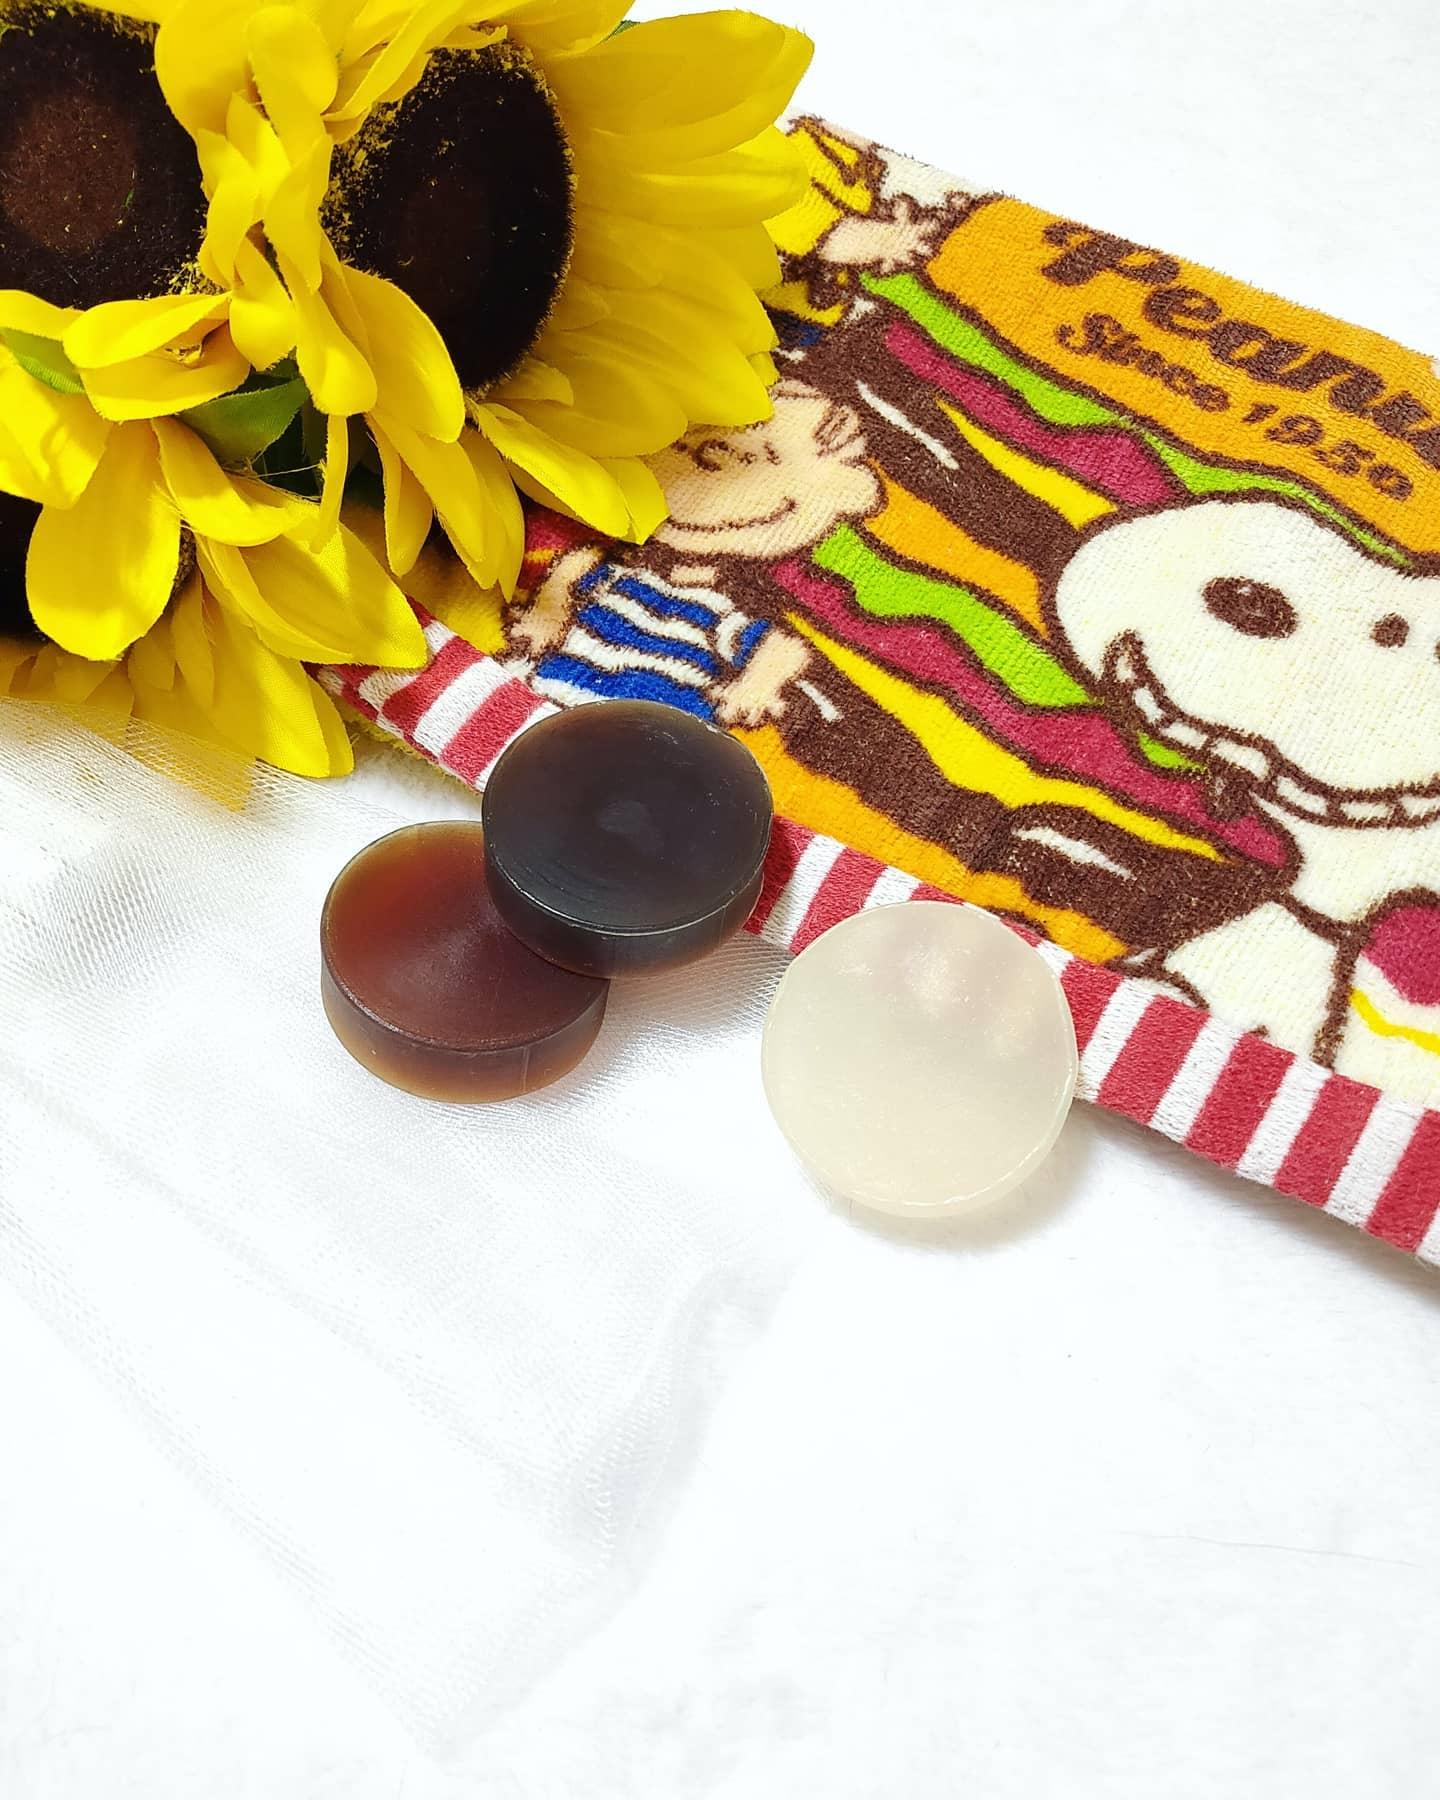 口コミ投稿:@neo_natural さんの食べられるほど優しい池田さんの石けん♪25g3種セットを愛用中で…